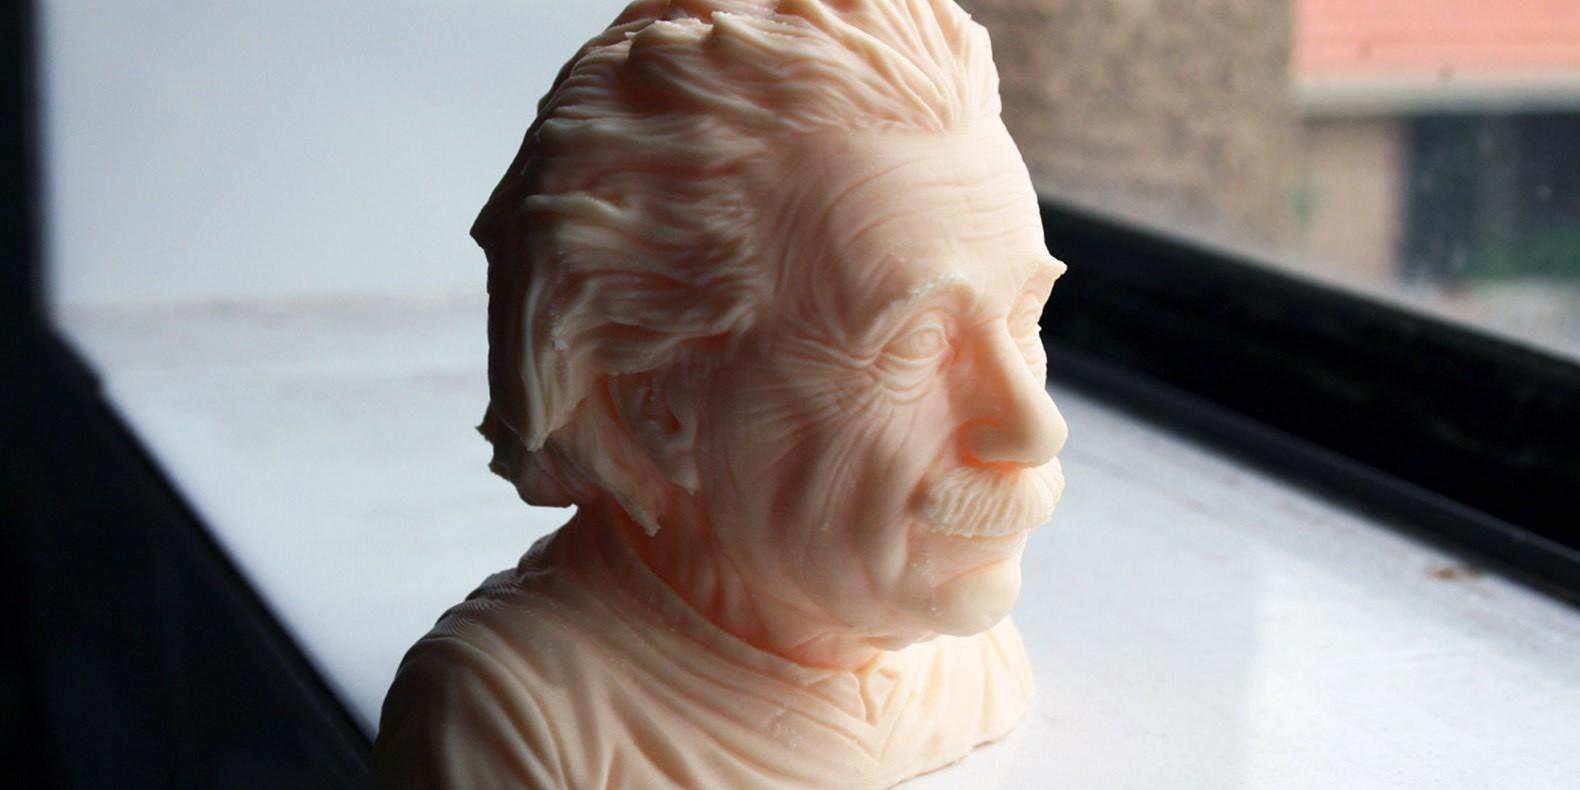 Encuentre aquí una selección de los mejores modelos 3D de bustos para hacer con una impresora 3D